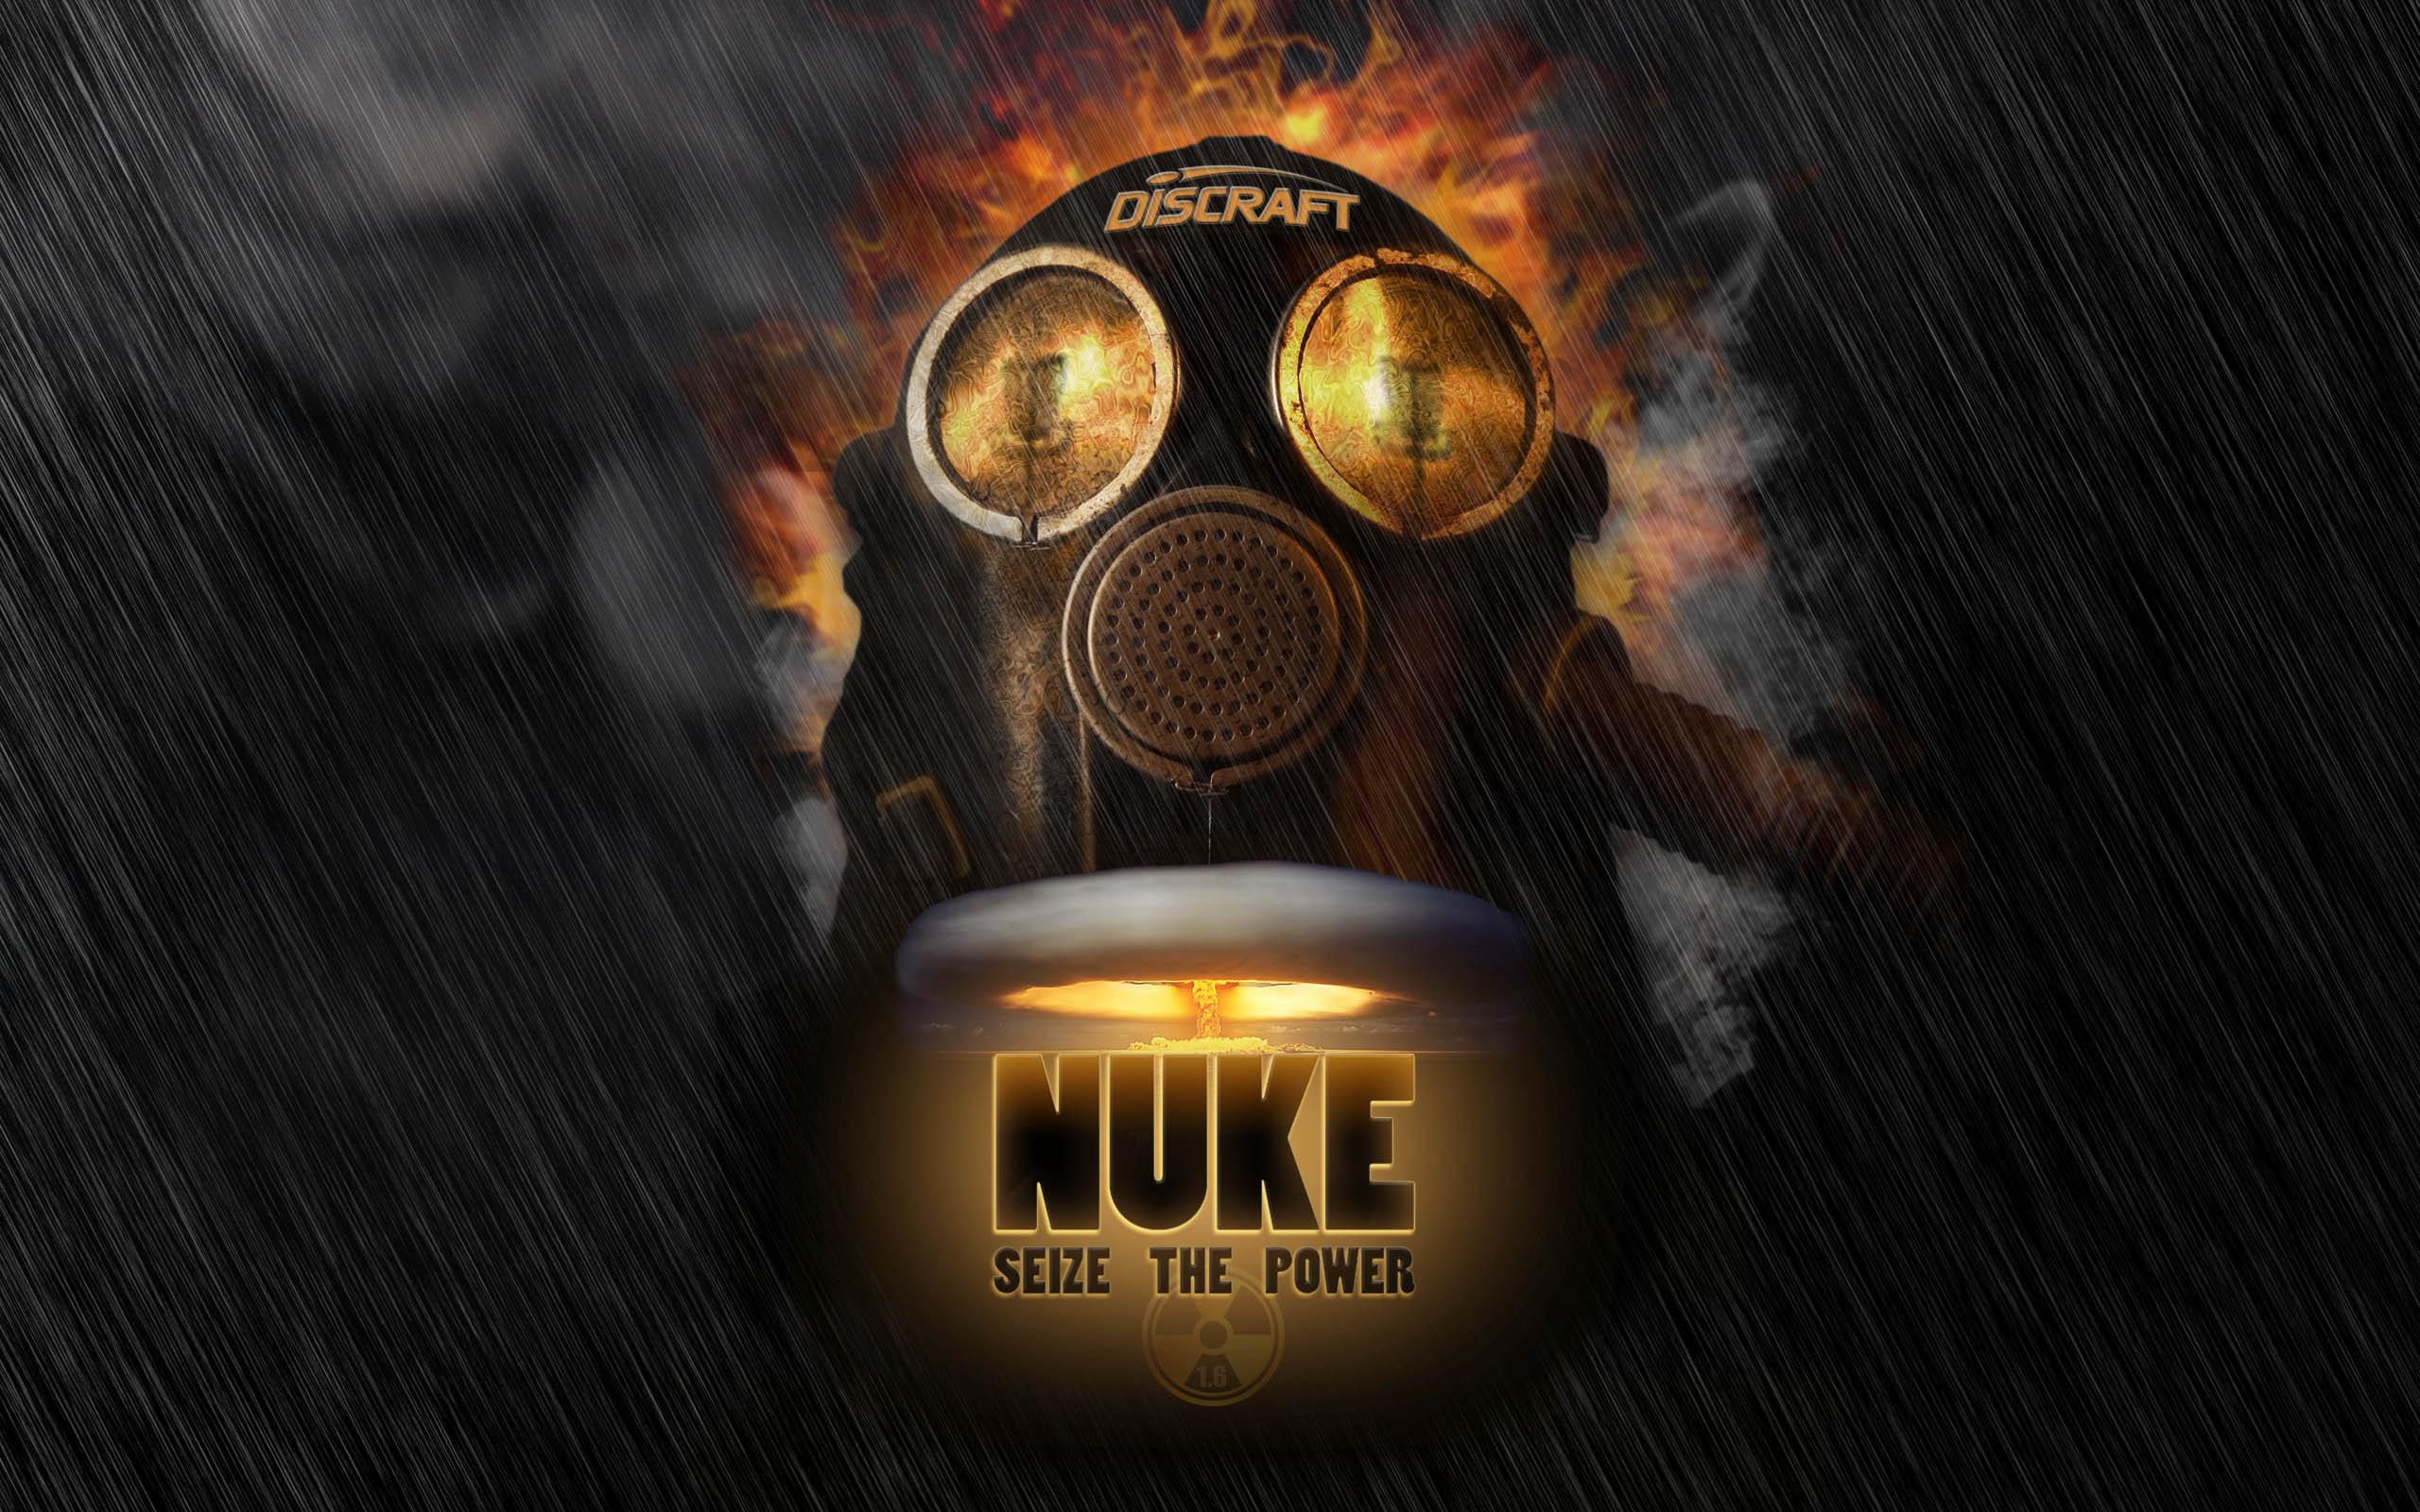 Nuke Wallpaper HD 2560x1600